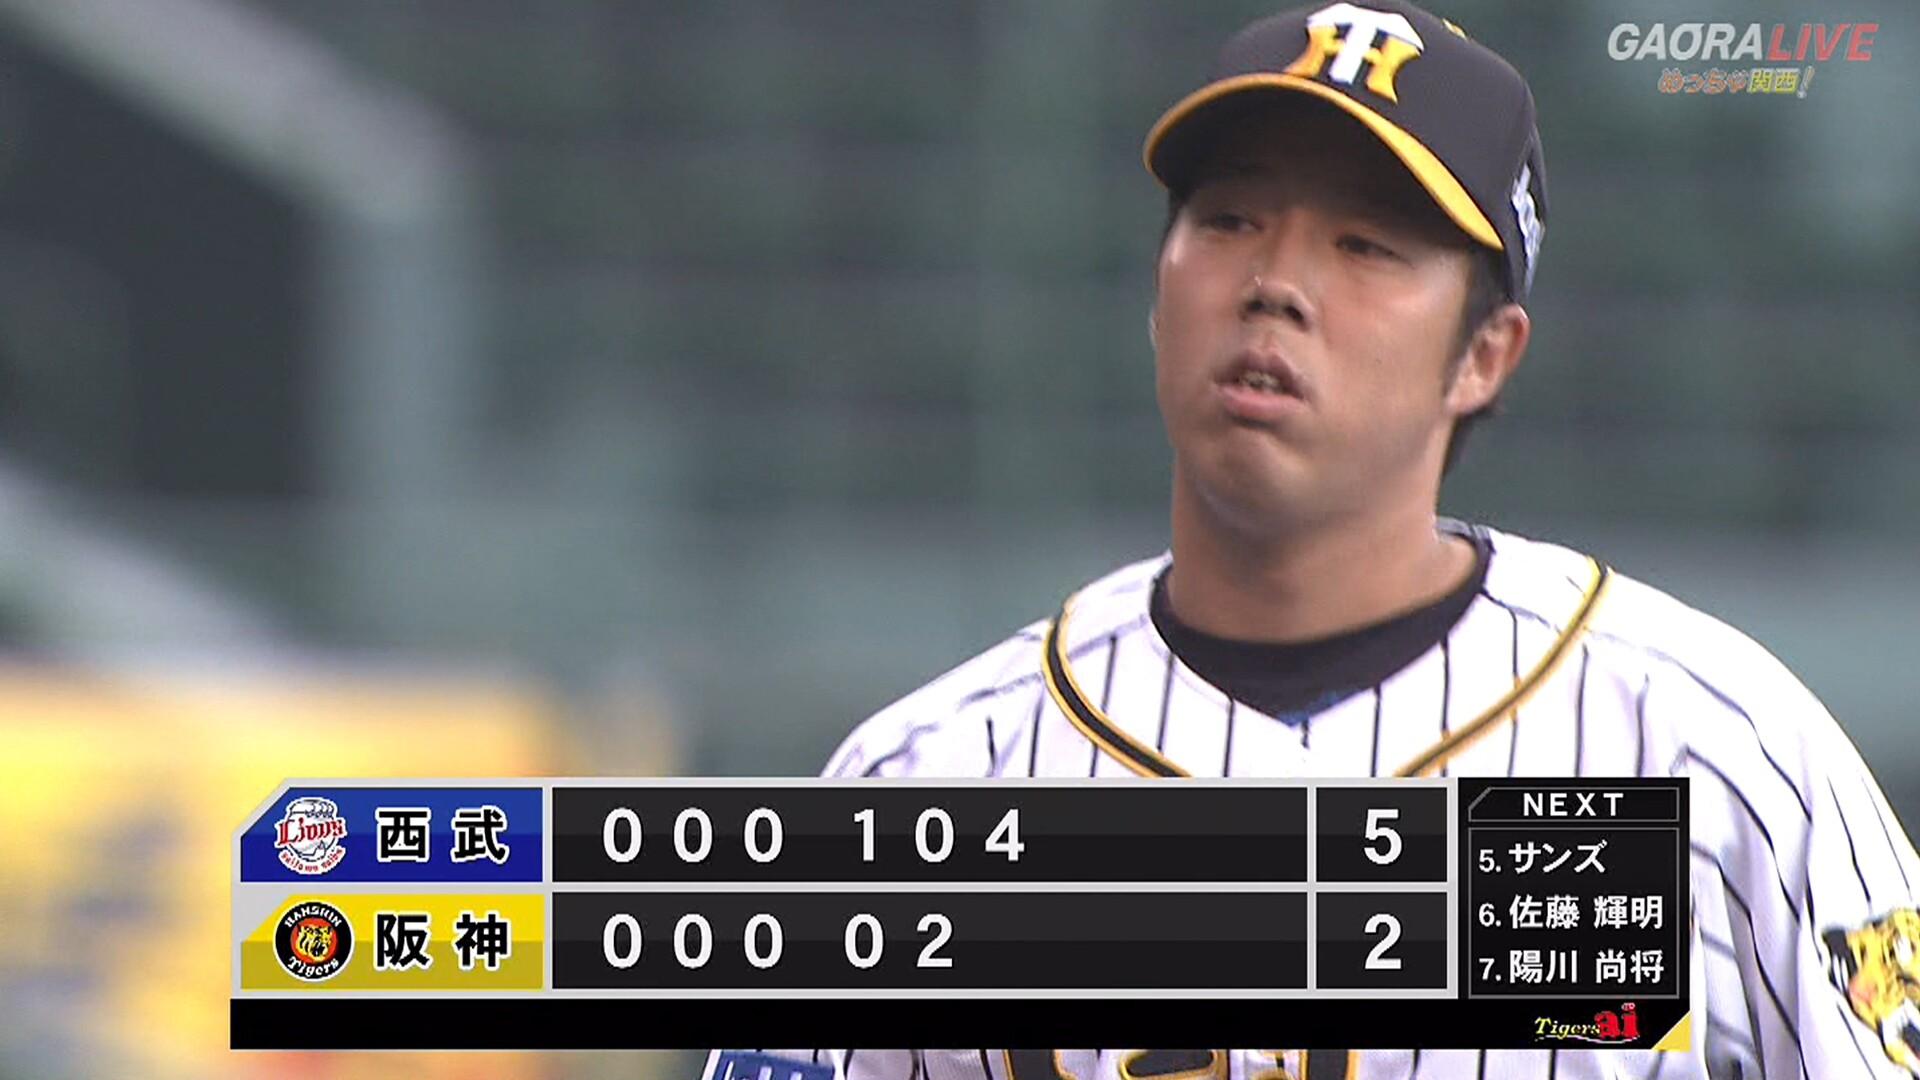 阪神、オープン戦3本目の満塁ホームラン被弾wwww